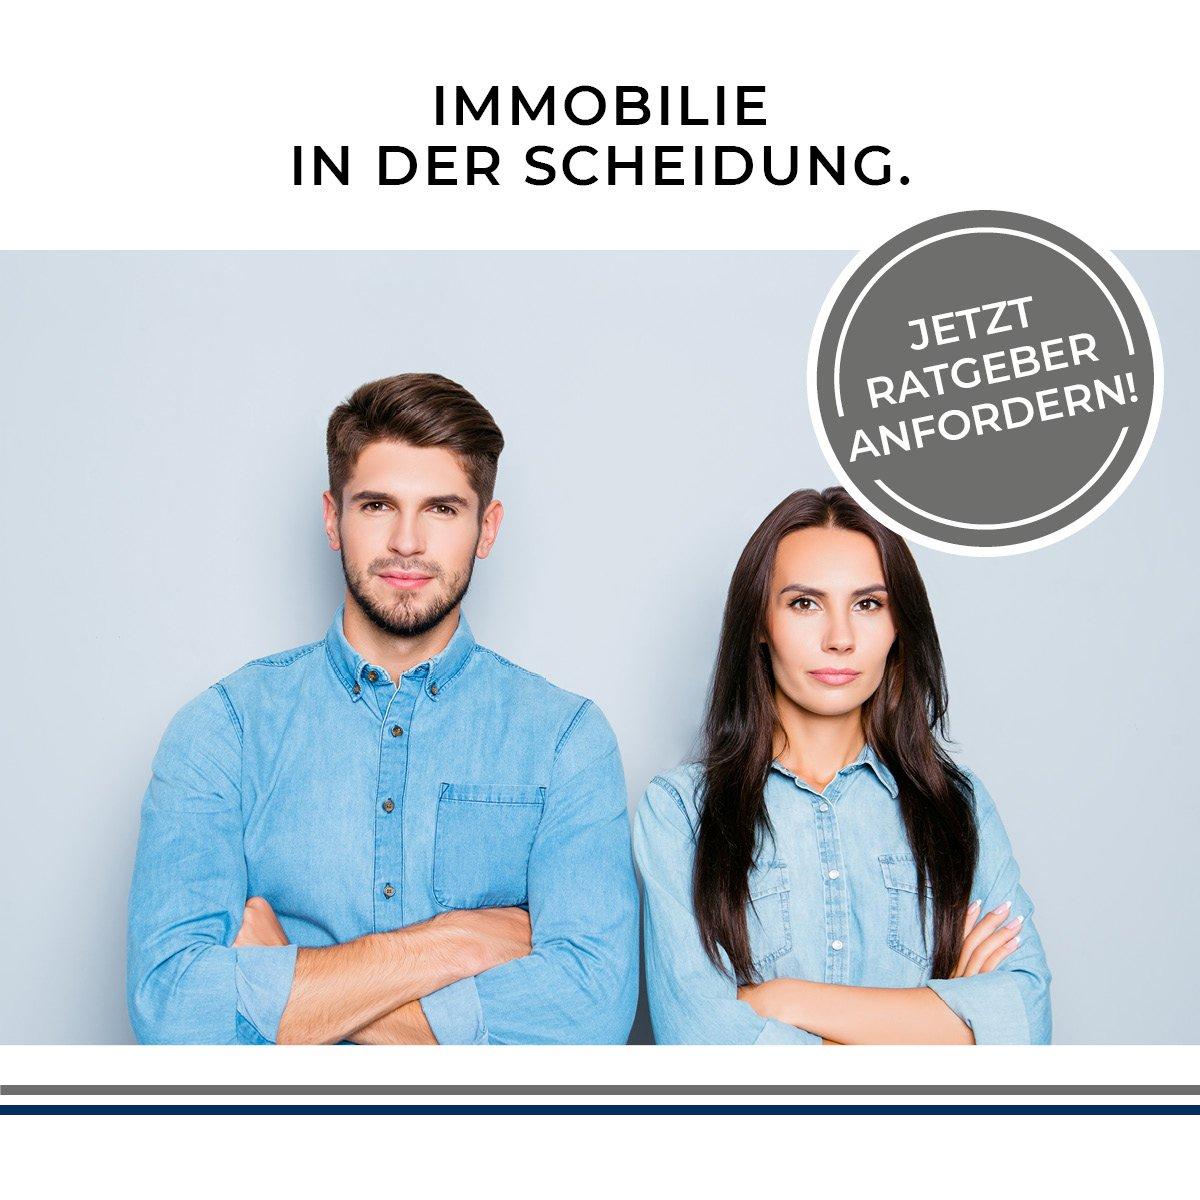 Immobilie in der Scheidung in Minden, Porta Westfalica, Lübbecke und Bielefeld